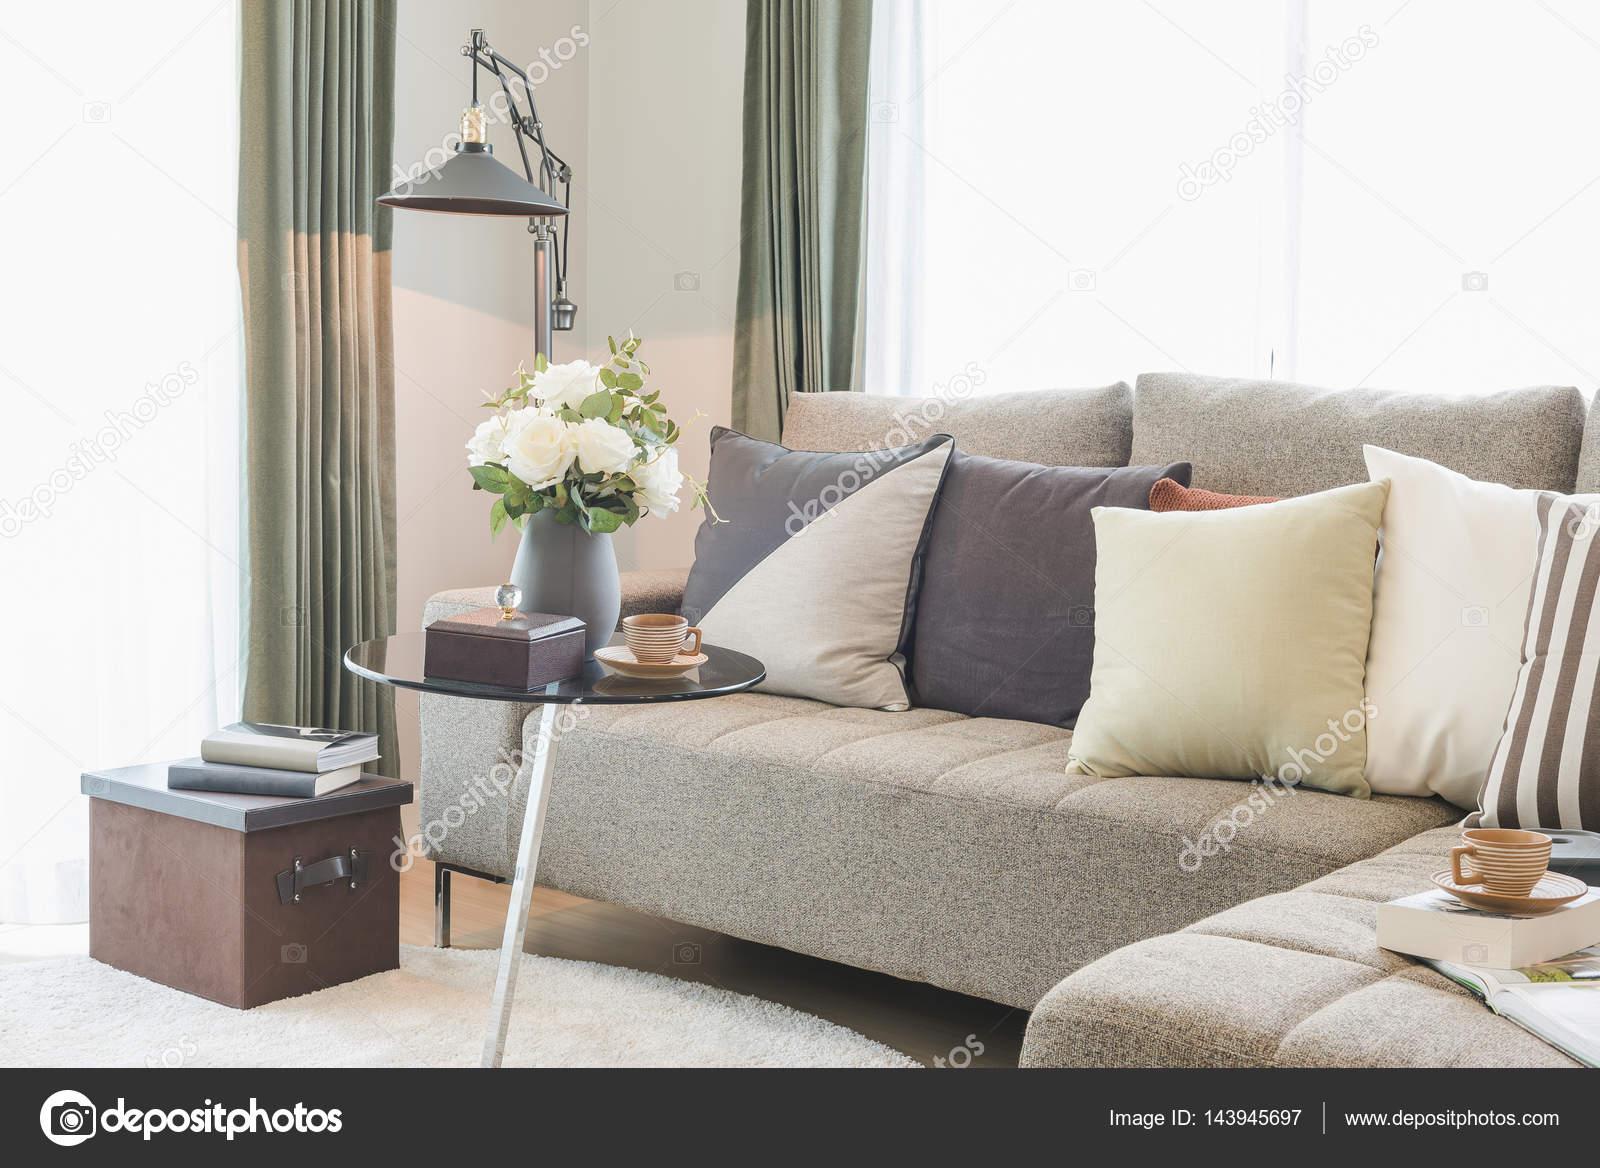 ronde glazen tafel met zitbank in moderne woonkamer set — Stockfoto ...